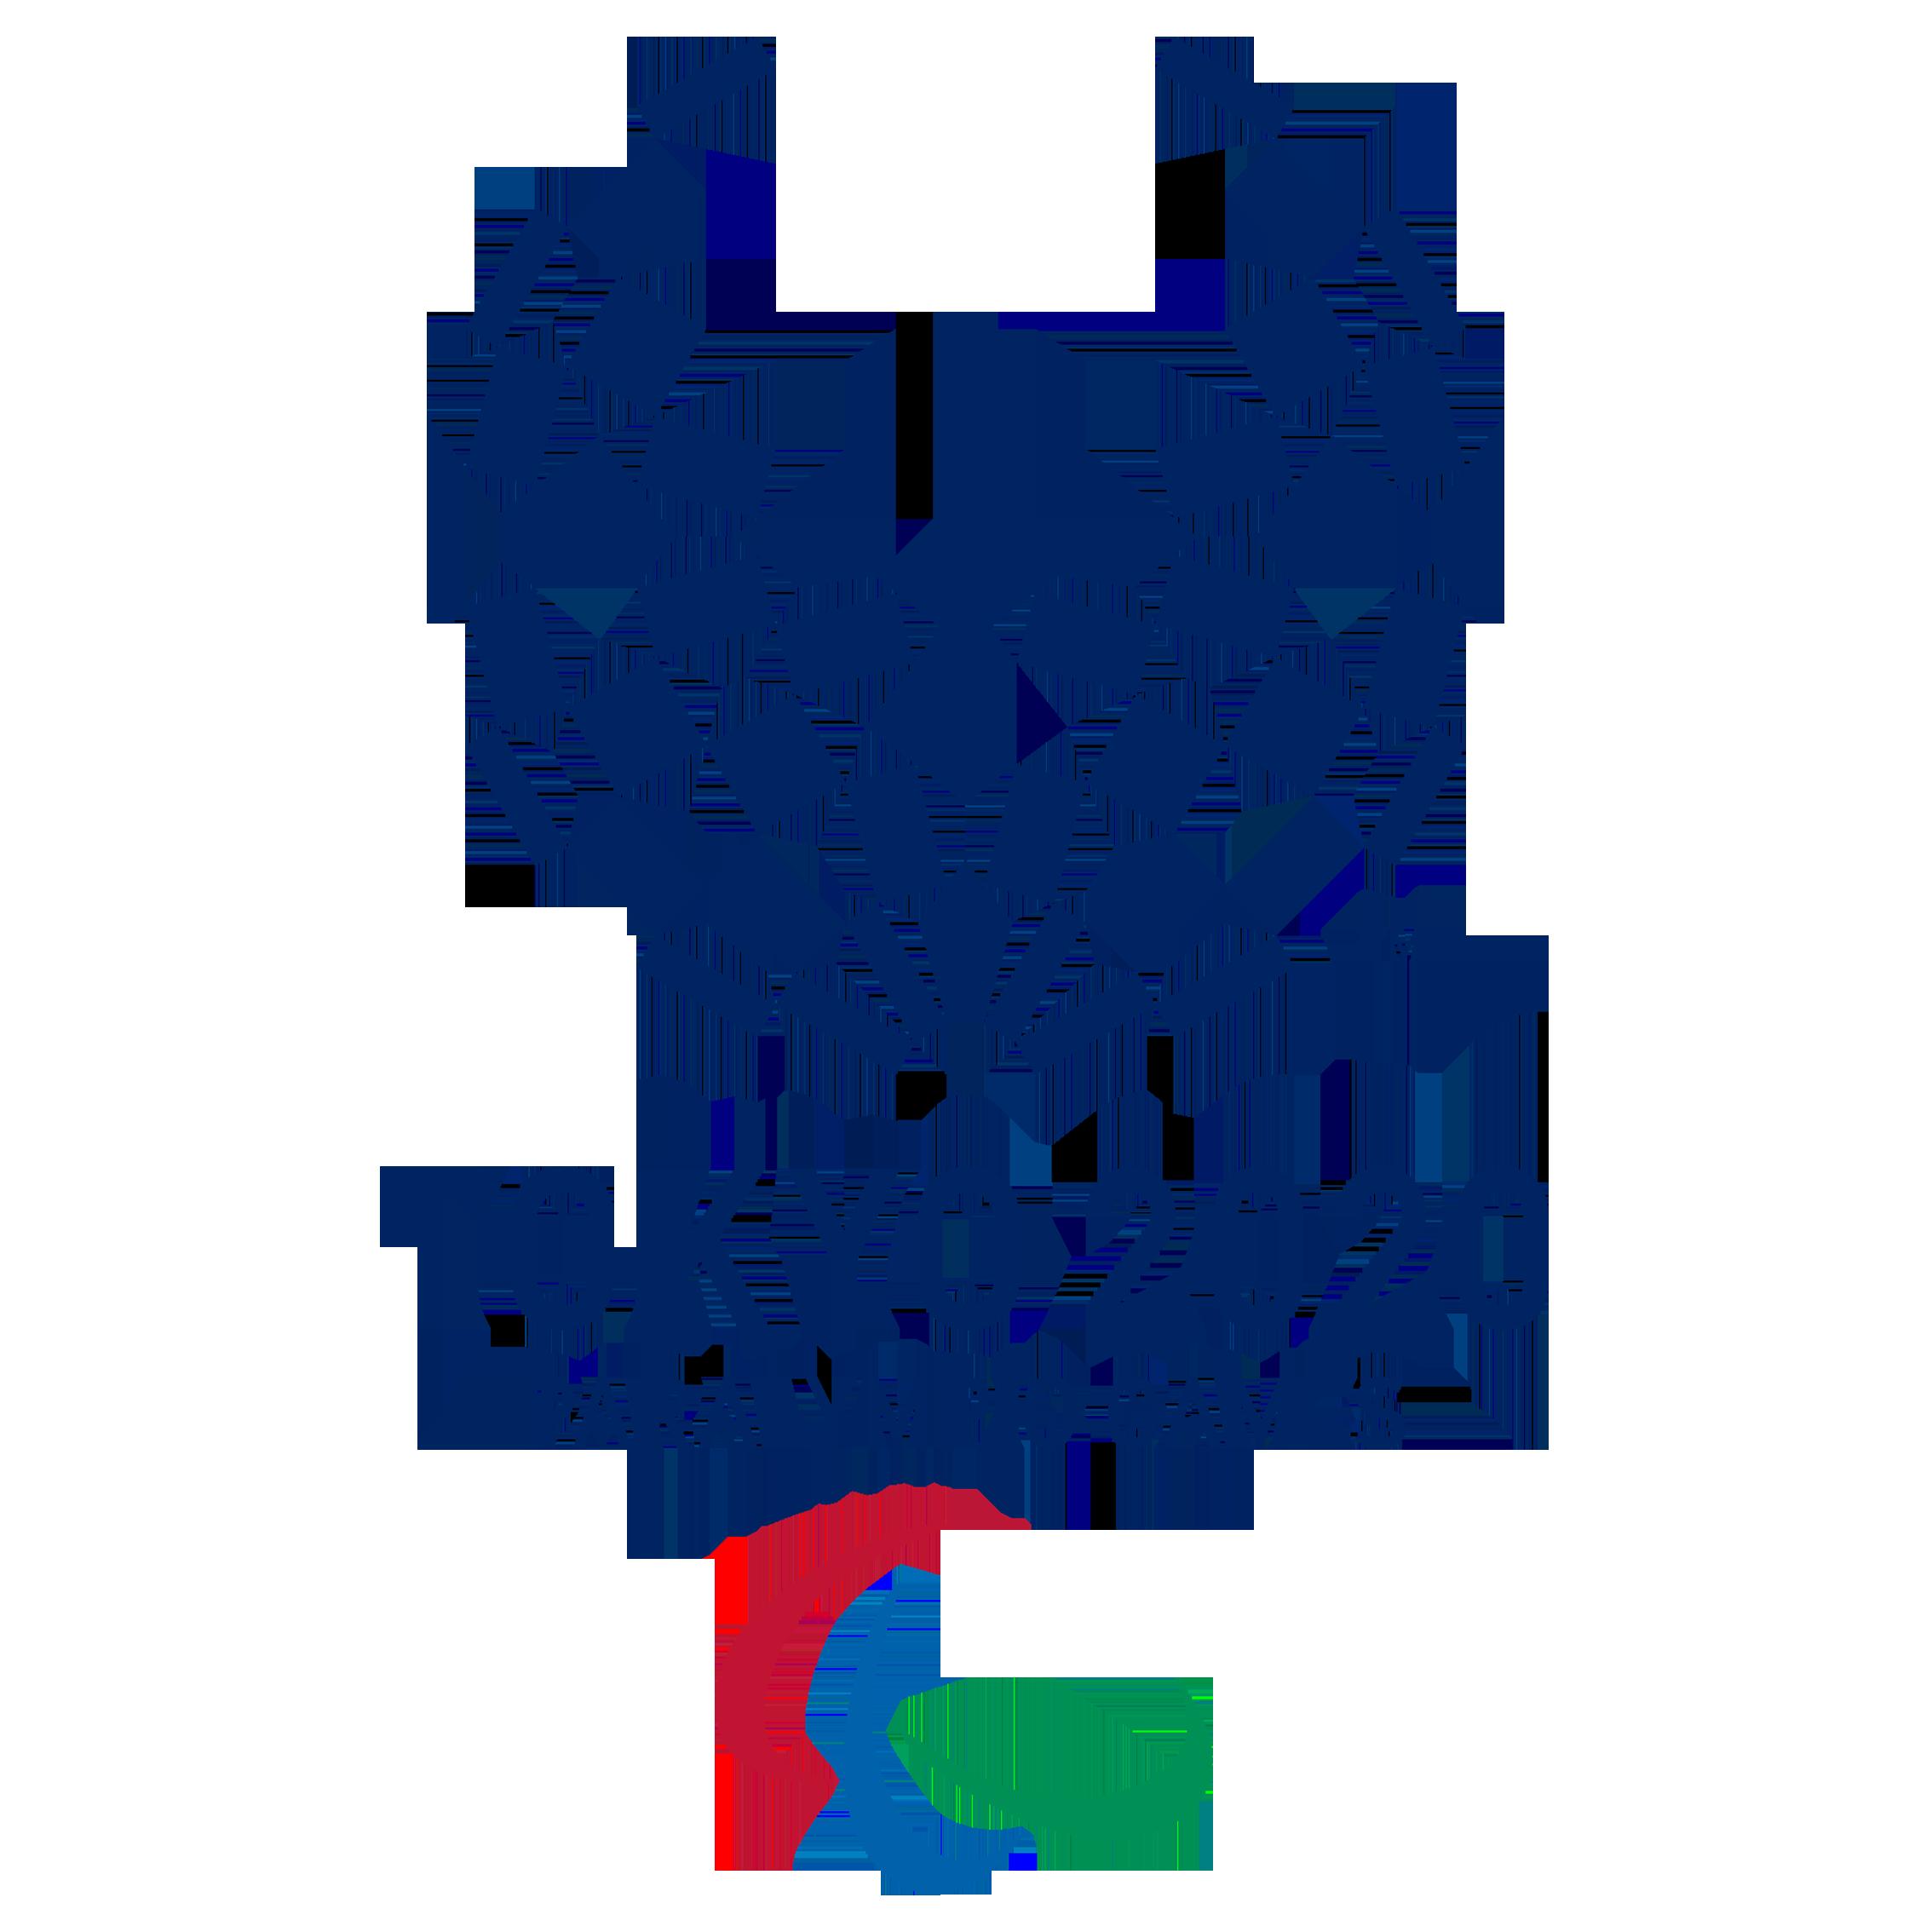 Imagen del símbolo de las paralimpiadas de Tokio 2020.